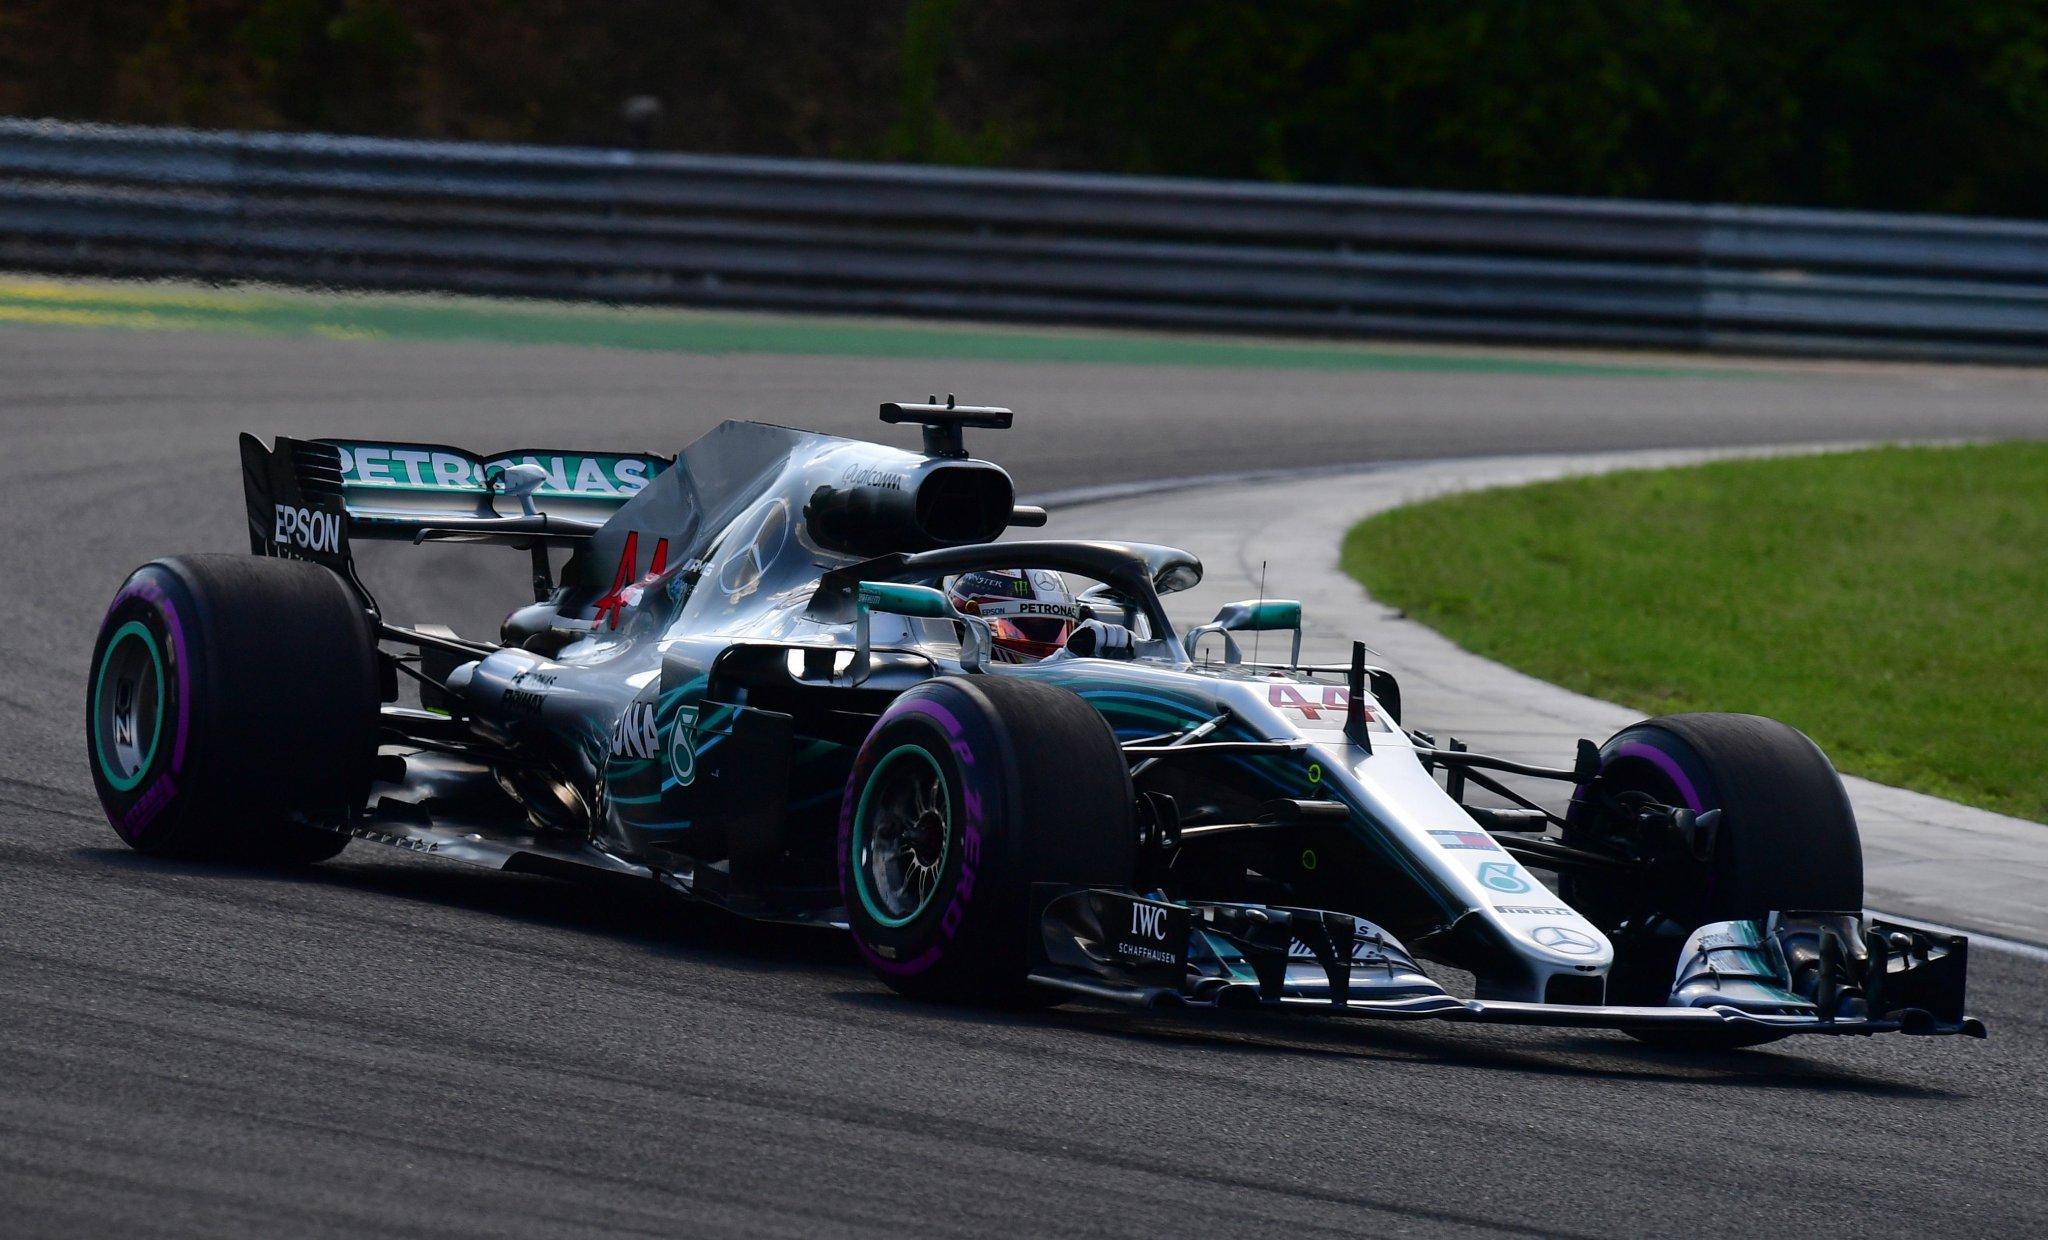 Льюис Хэмилтон - лидер личного зачёта Формулы-1 после гран-при Венгрии 2018 года